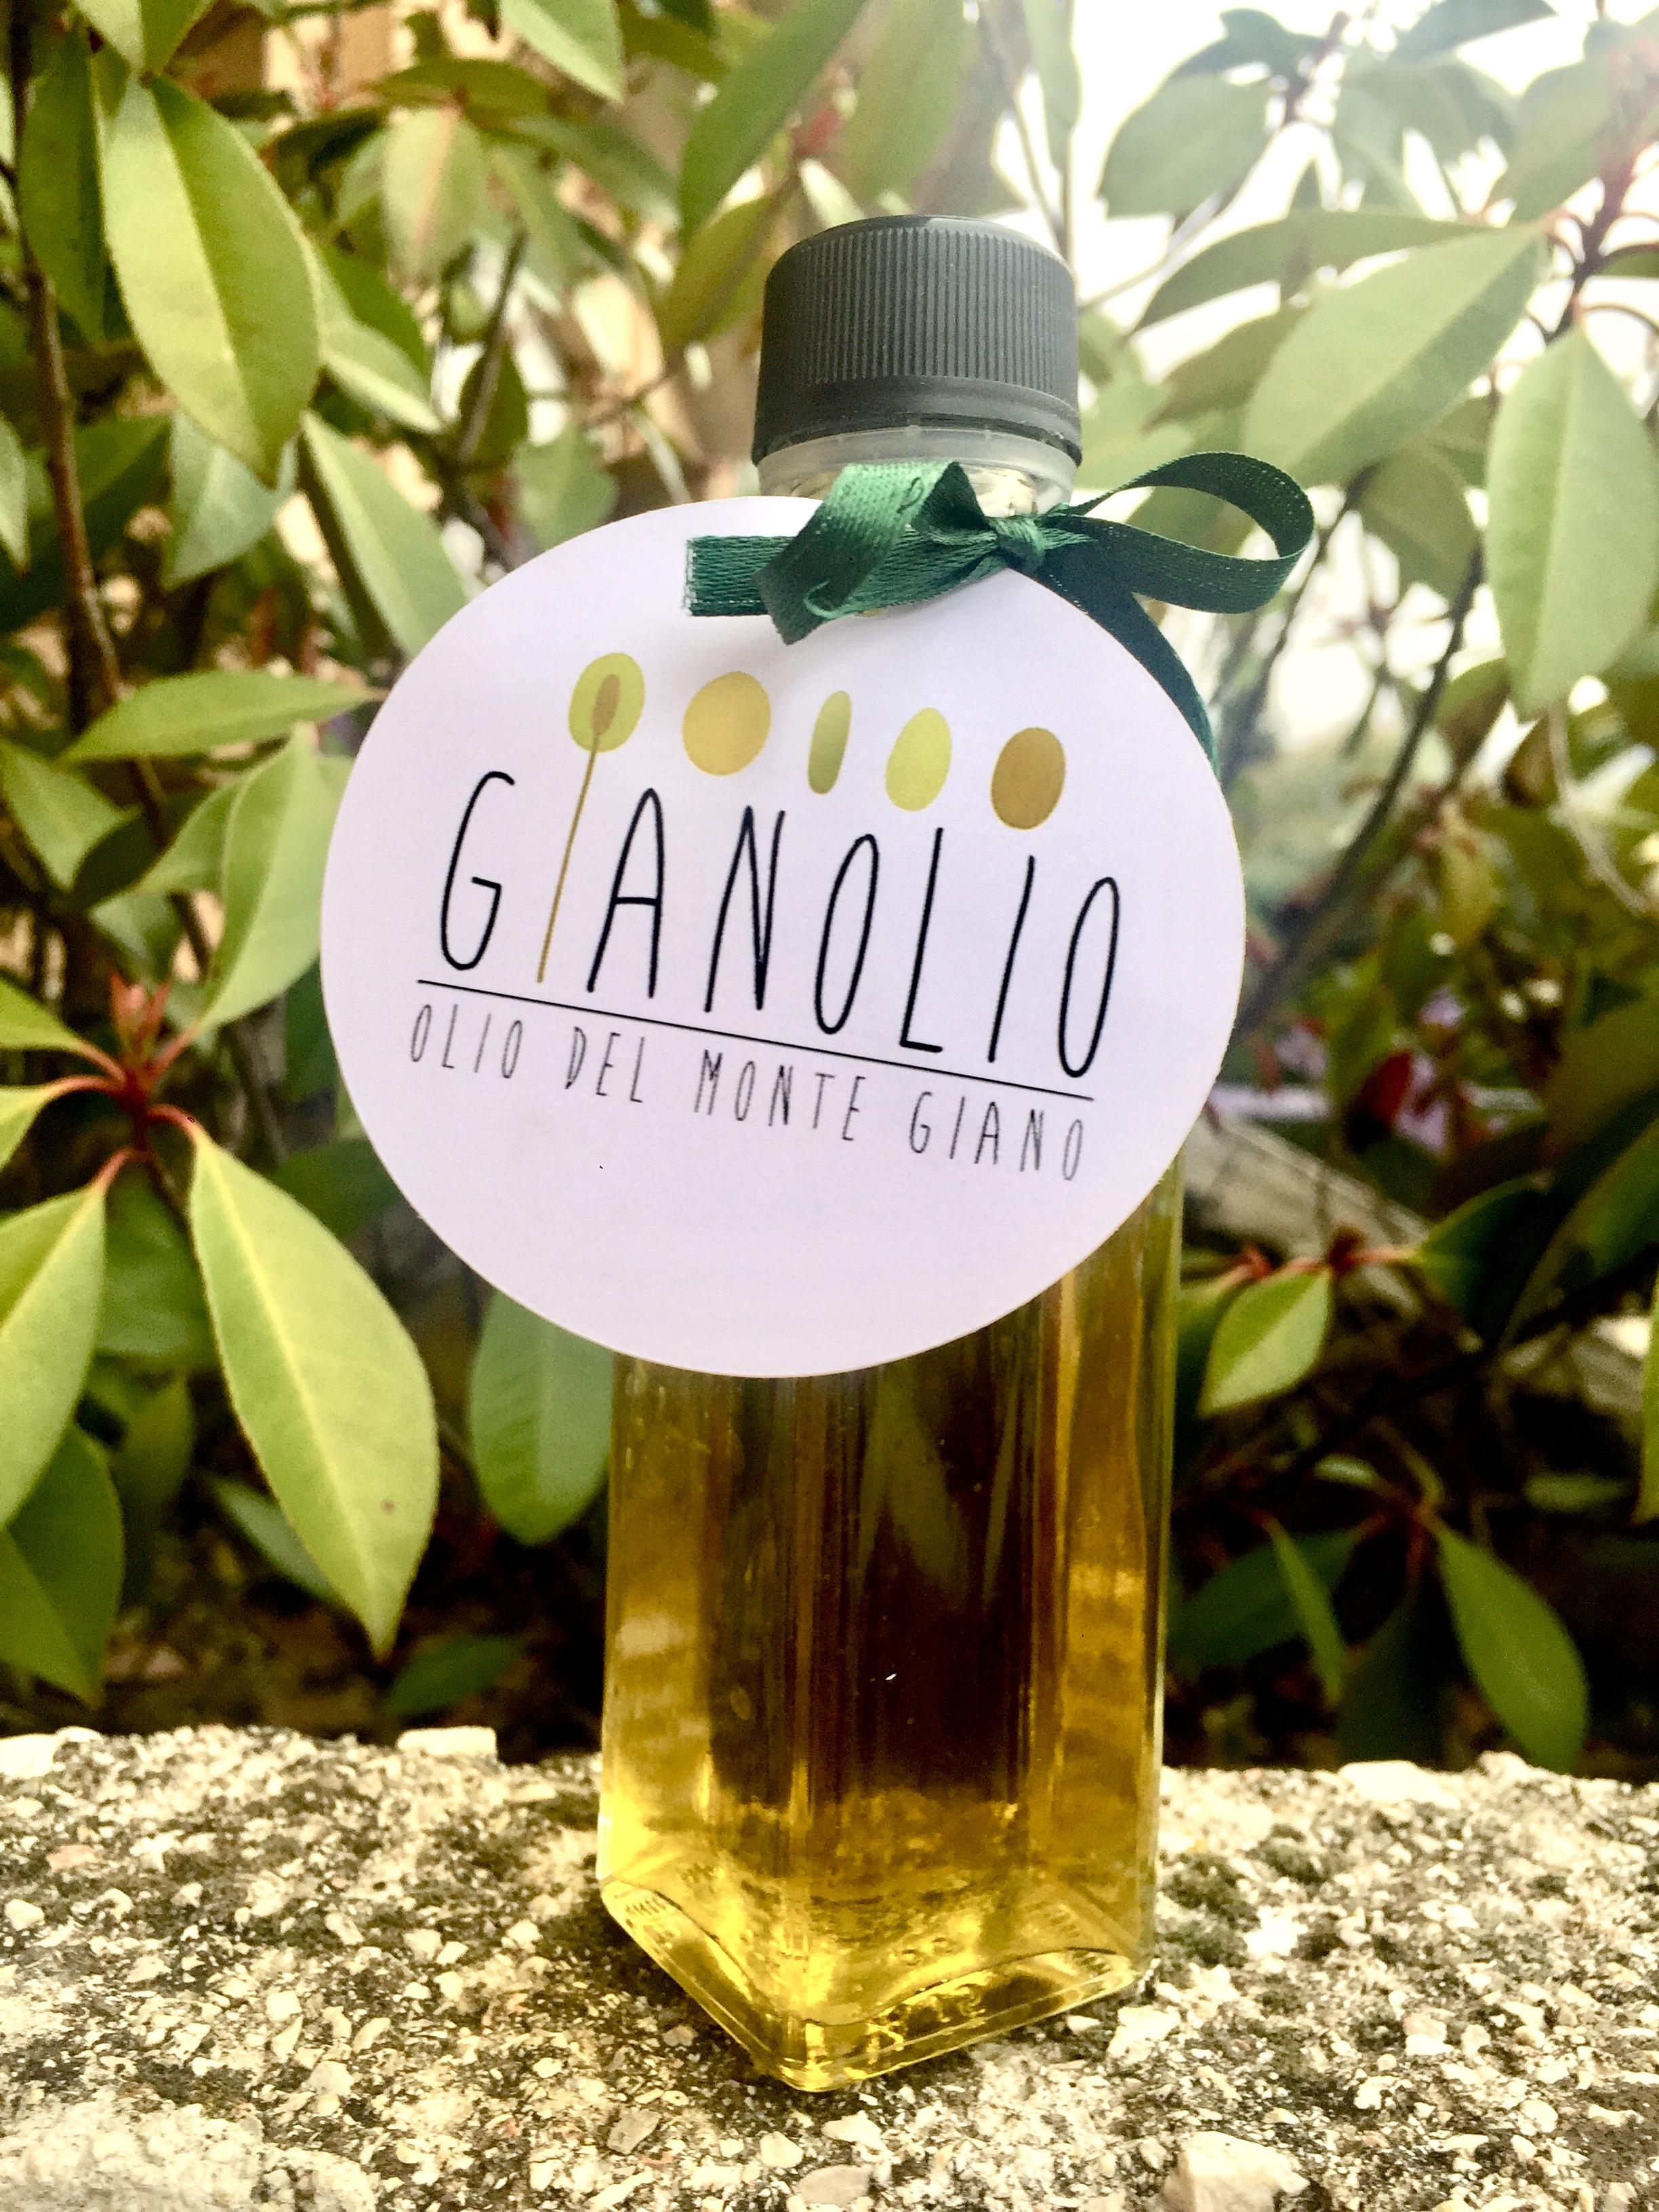 GIANOLIO Olio del Monte Giano